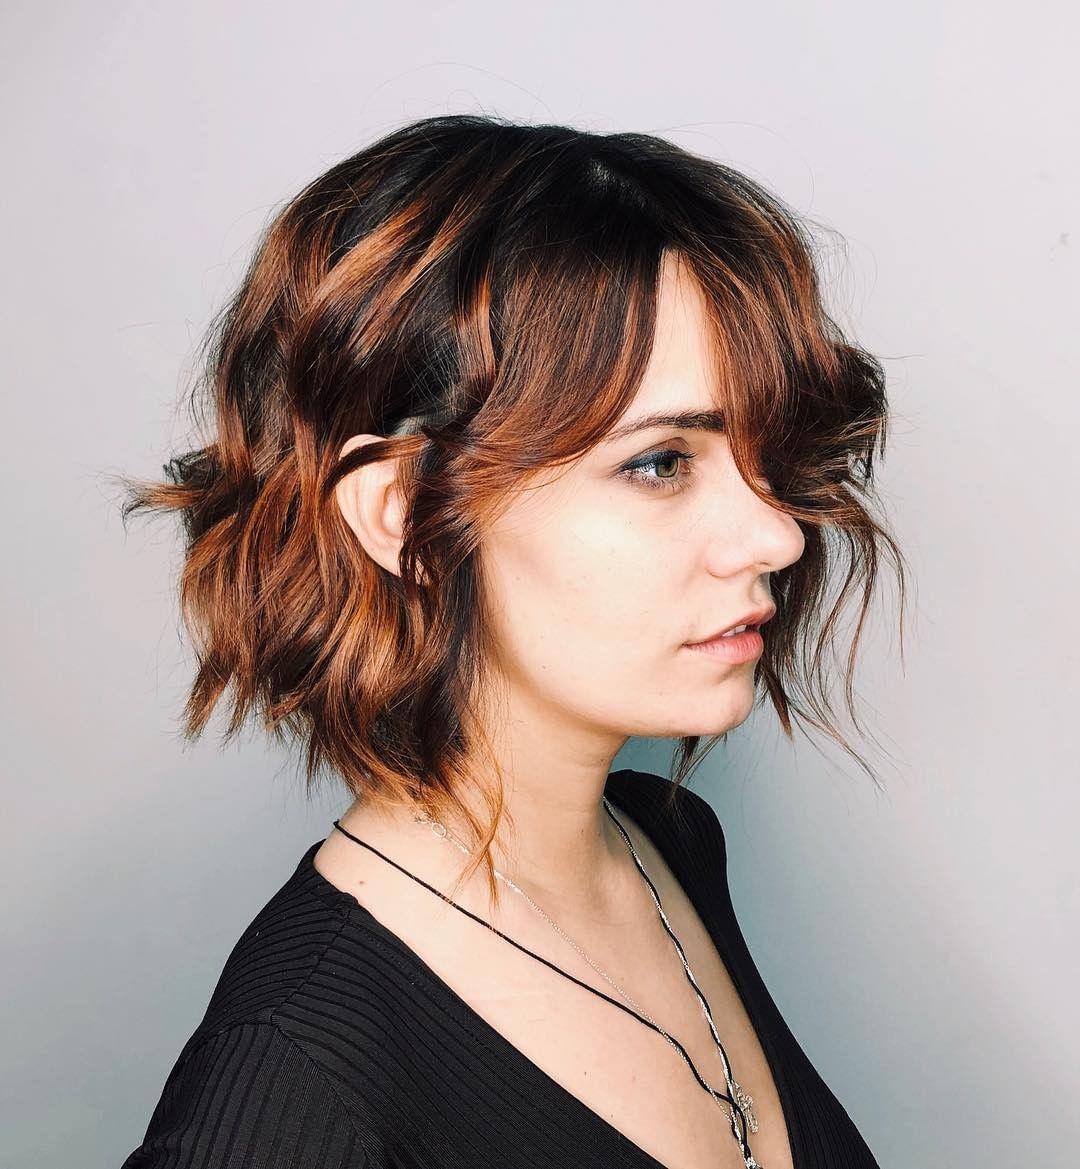 секреты, которые парикмахер никогда тебе не выдаст фото 7